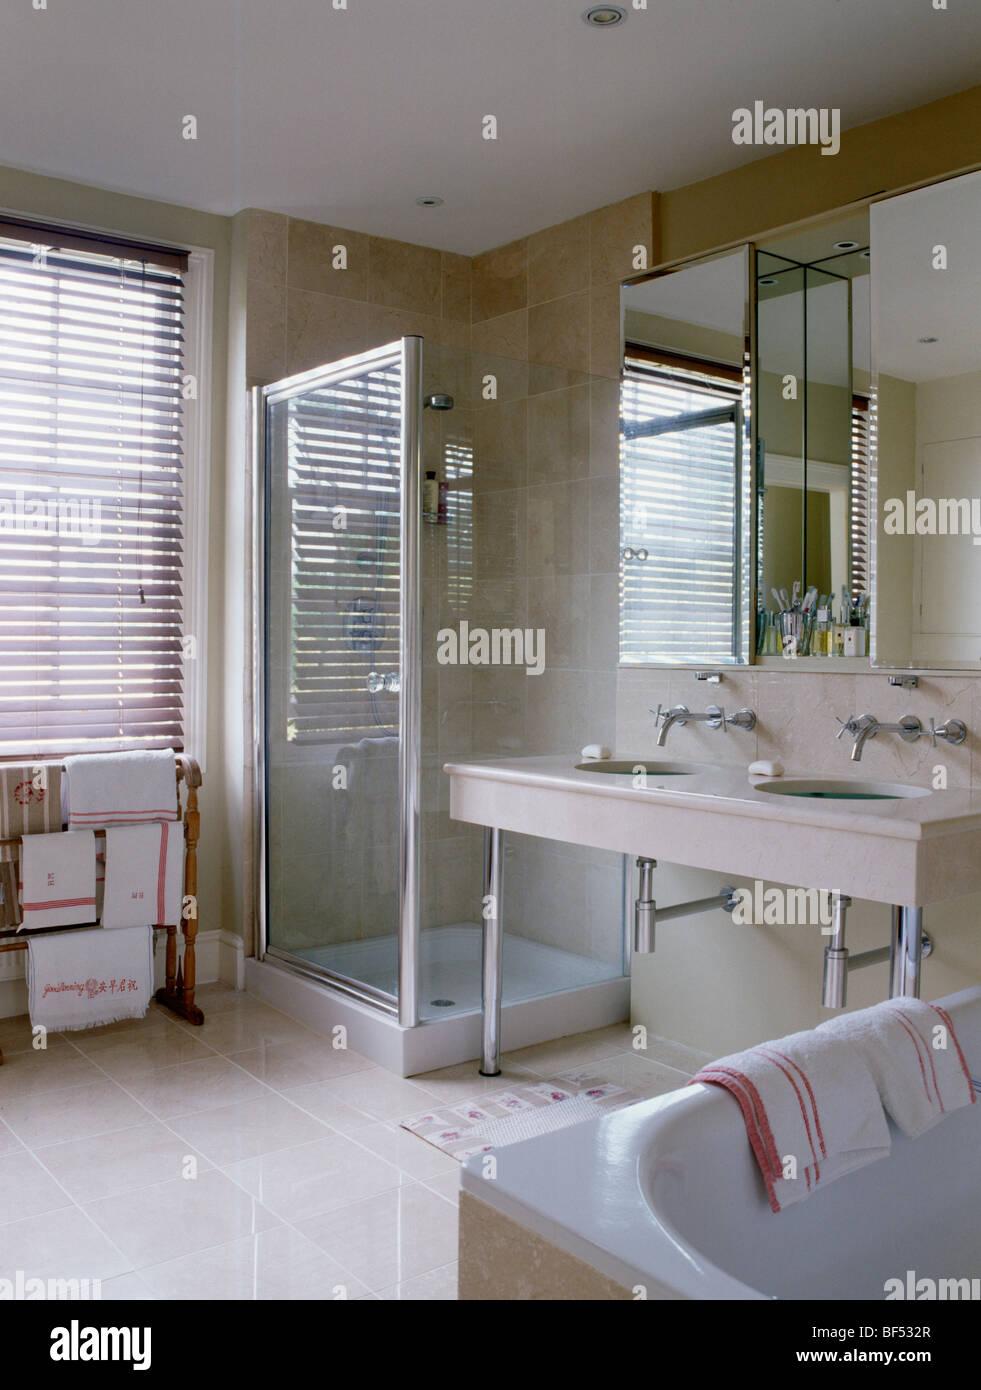 Gabinete de ducha de cristal en el cuarto de baño moderno con ...